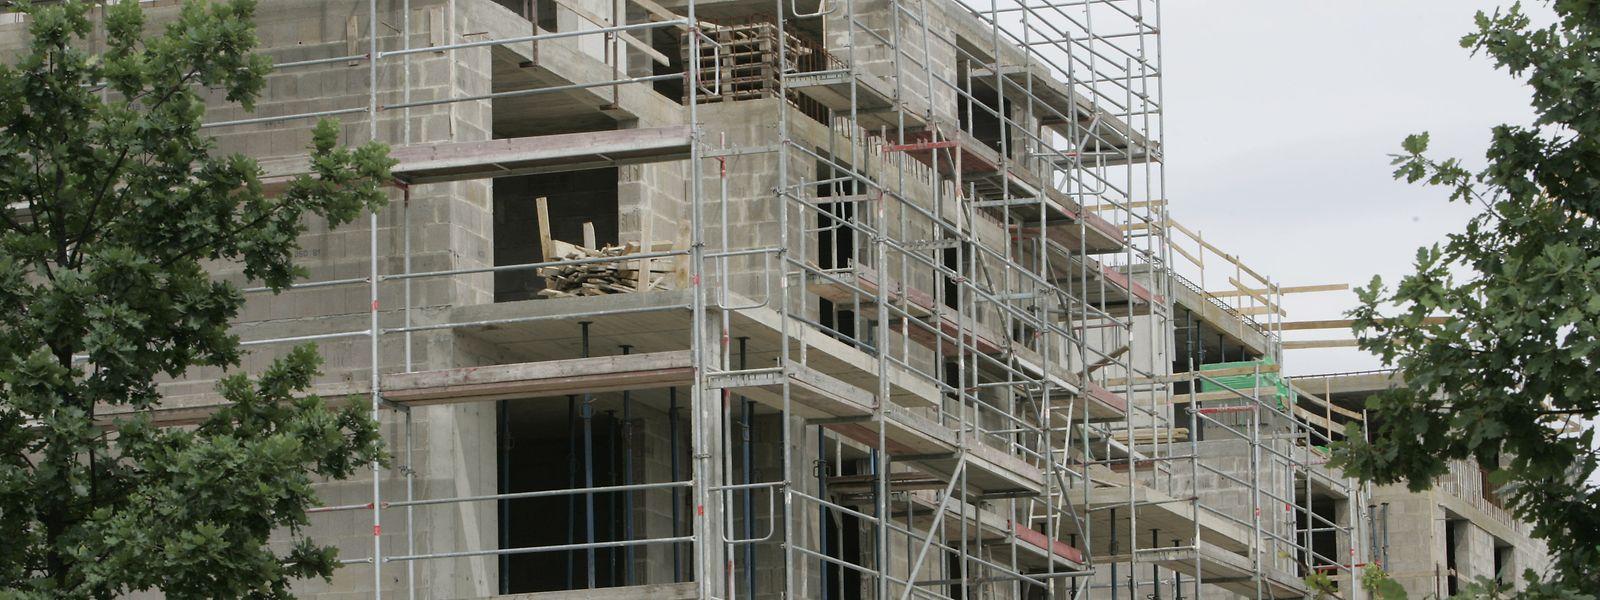 Die Wertsteigerung von Immobilien sollte gesetzlich begrenzt werden, meint die CSJ.